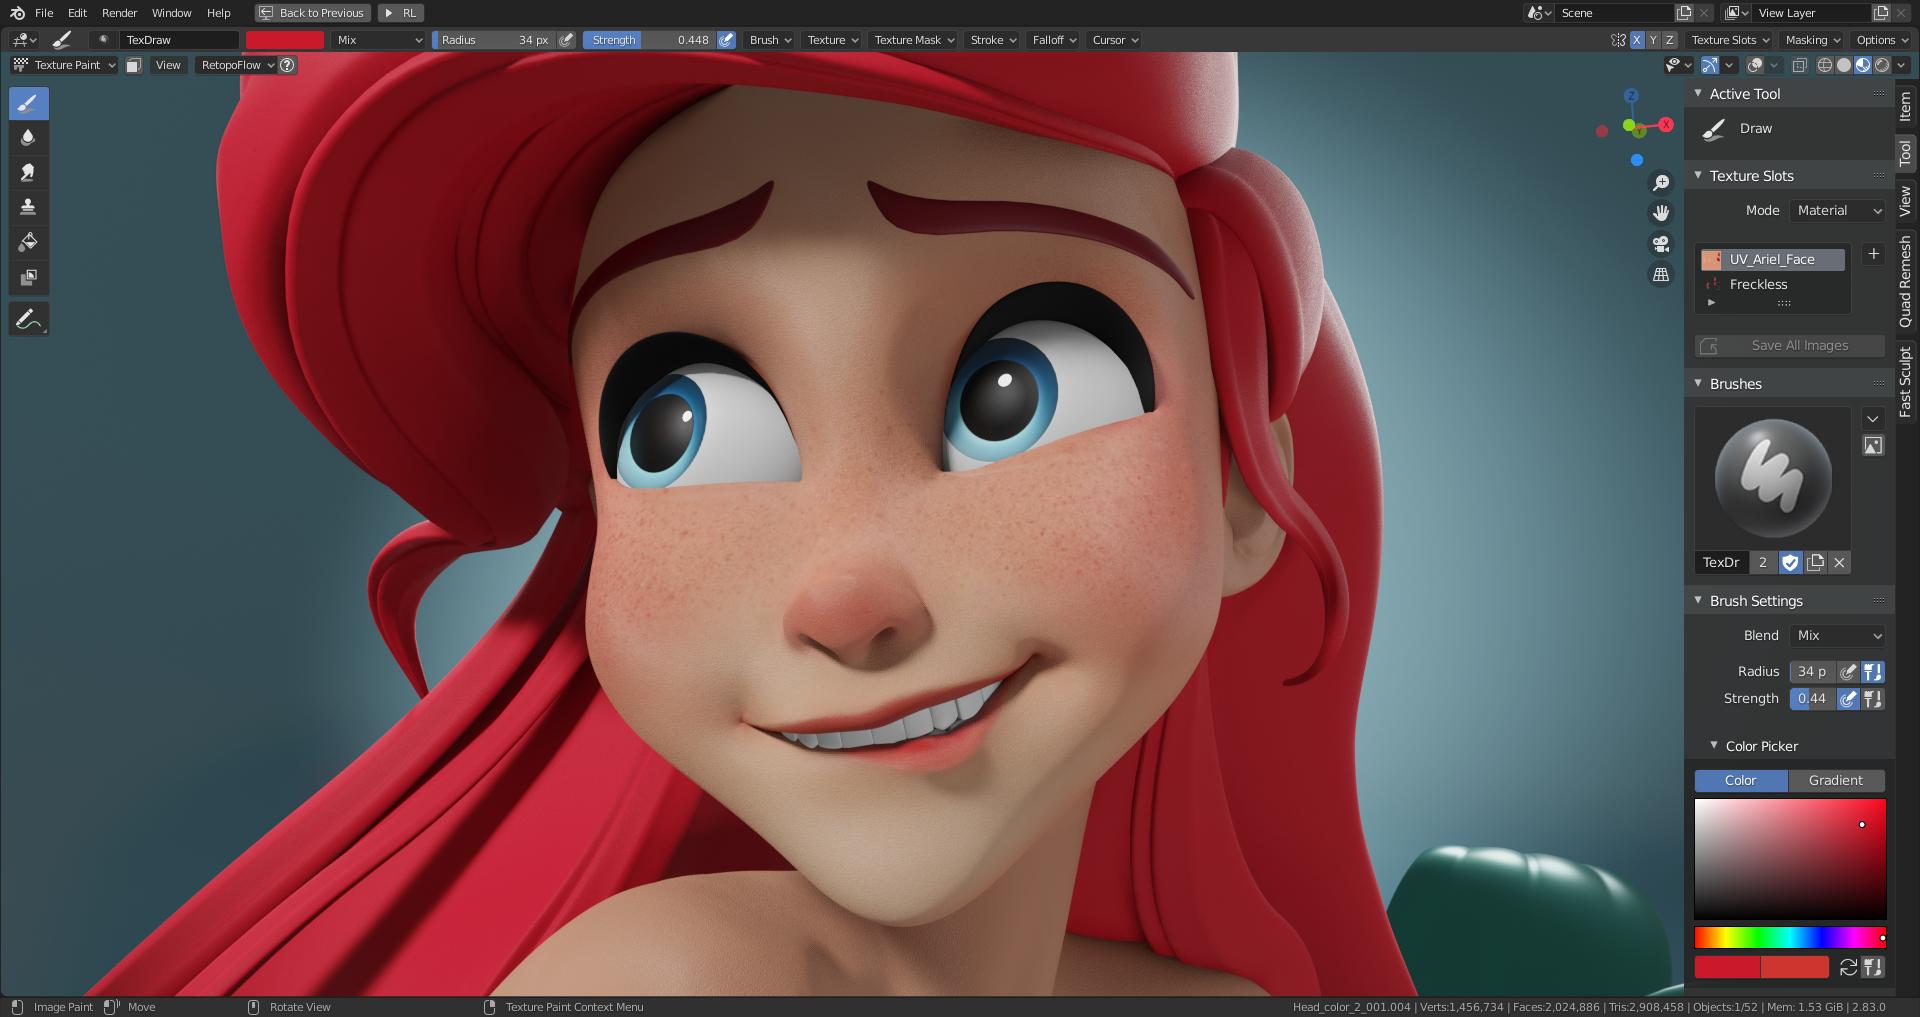 Blender制作教程:打造迪士尼小美人鱼-3D模型纹理添加_Renderbus自助渲染农场